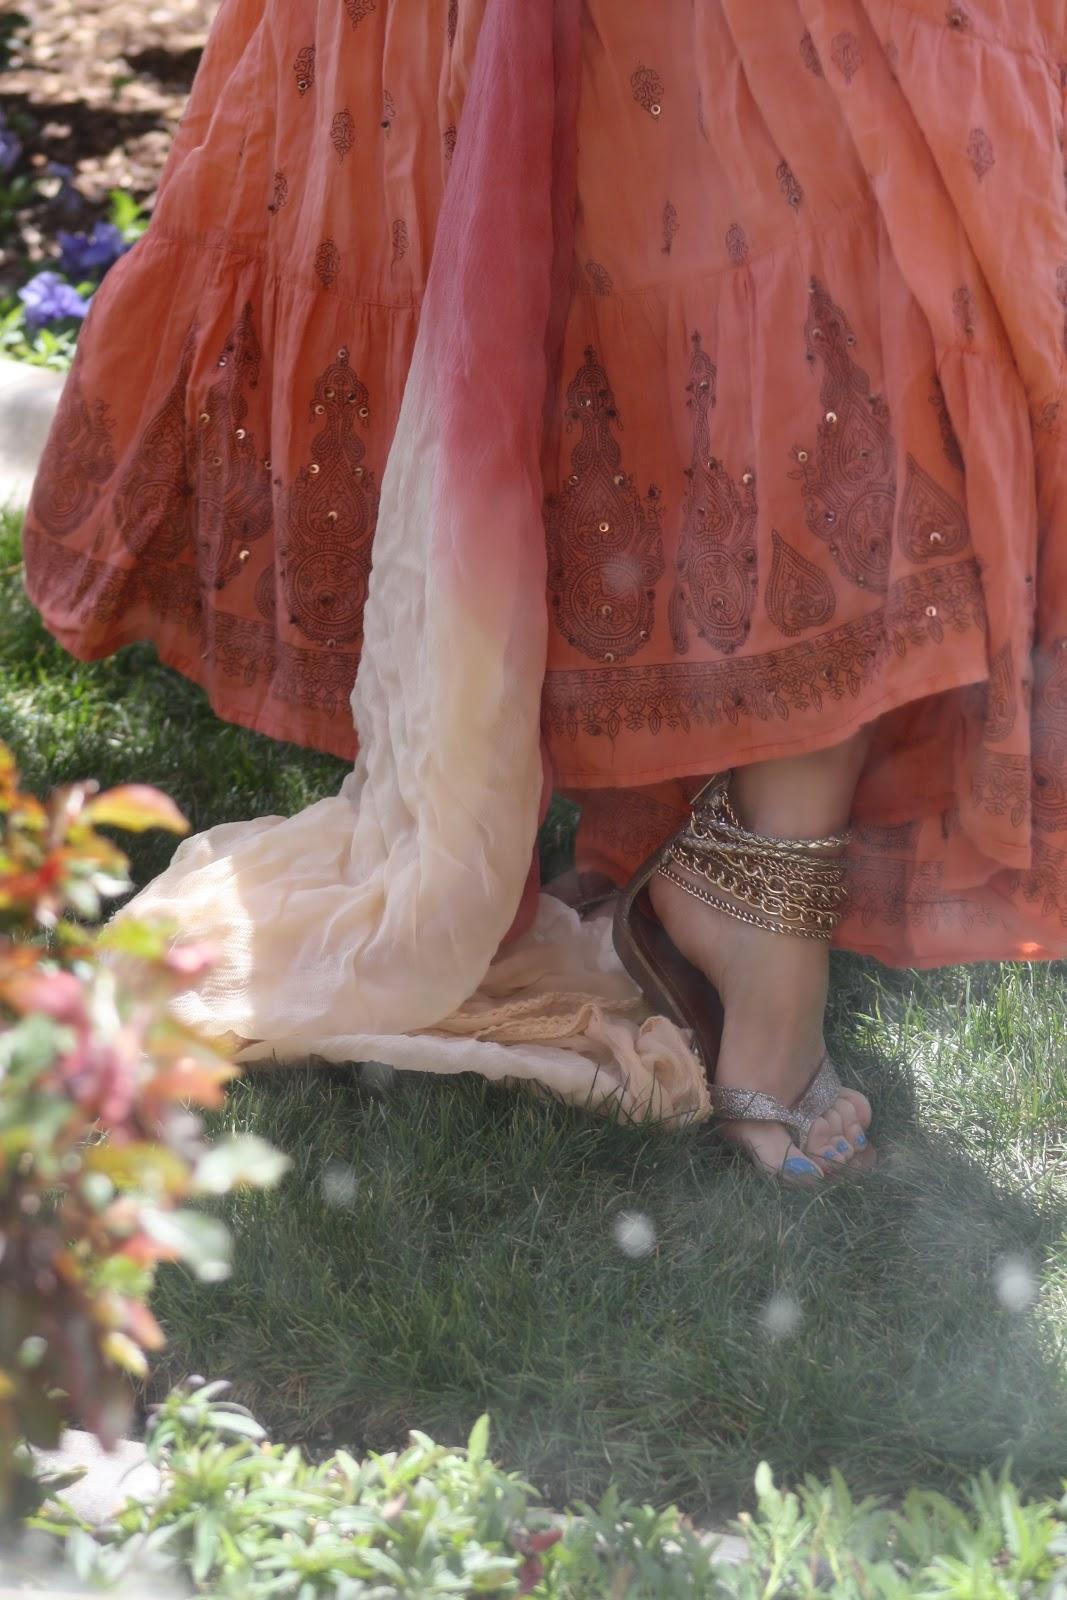 Gypsy Love Nude Photos 3